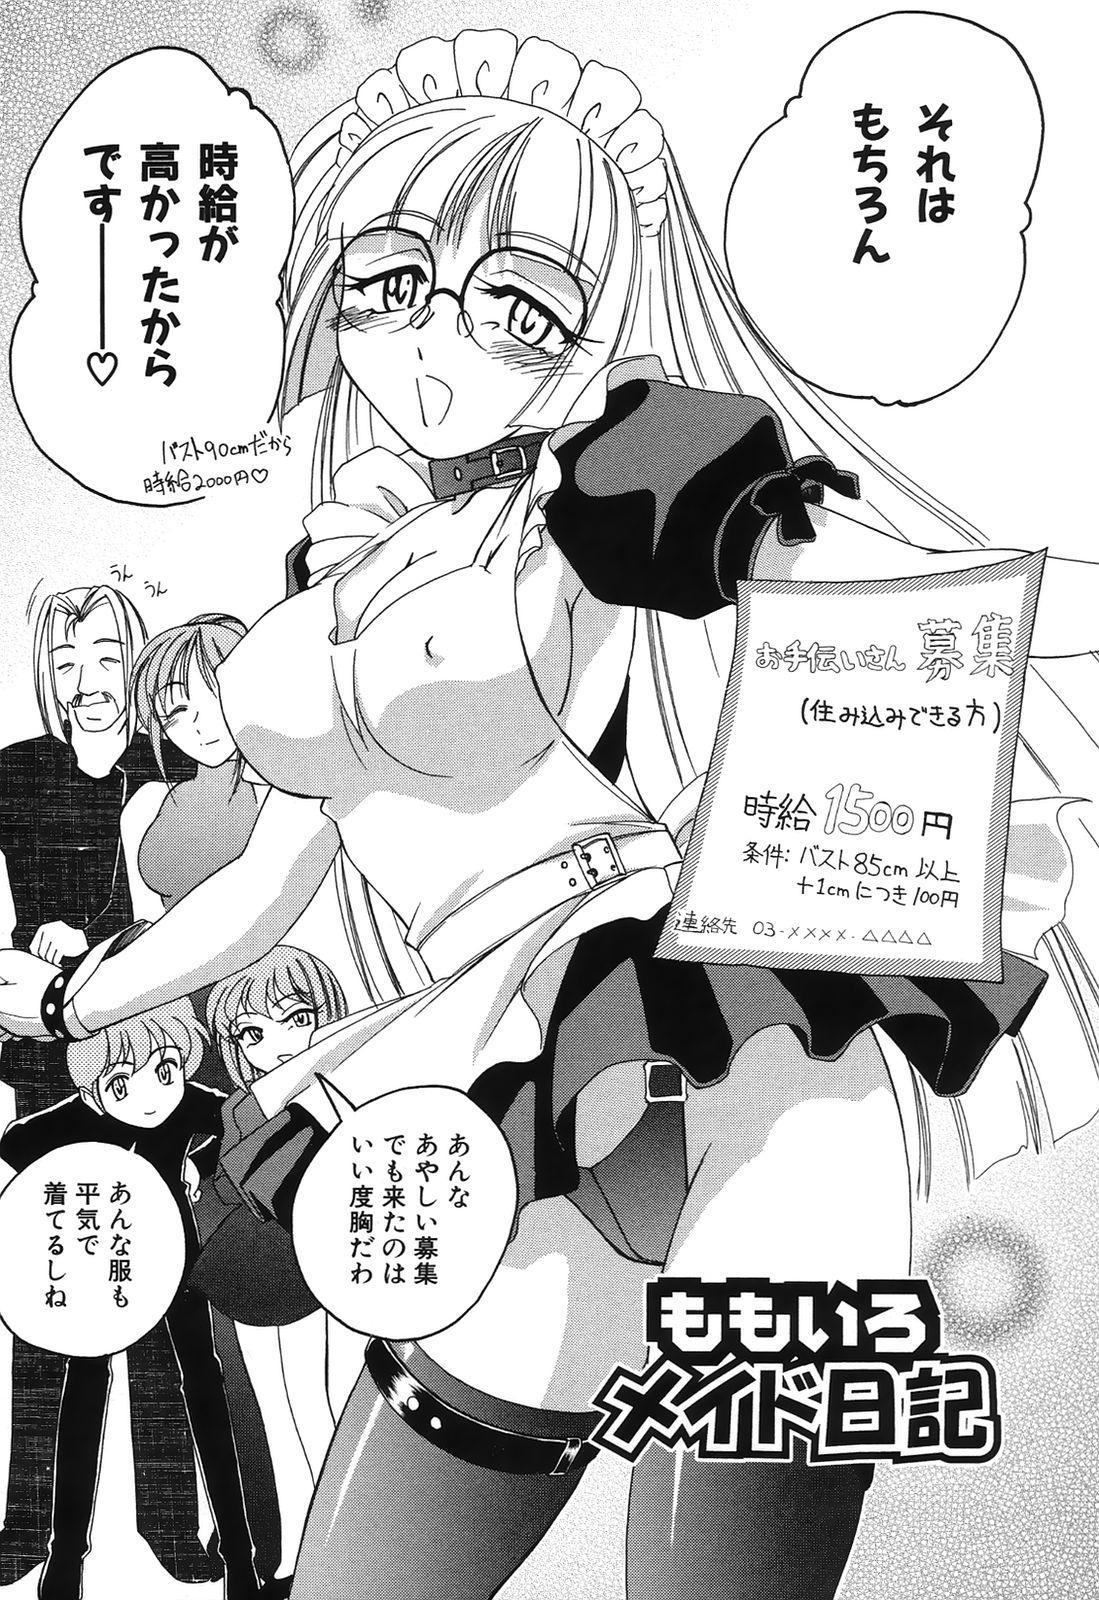 Omake No Musume 122